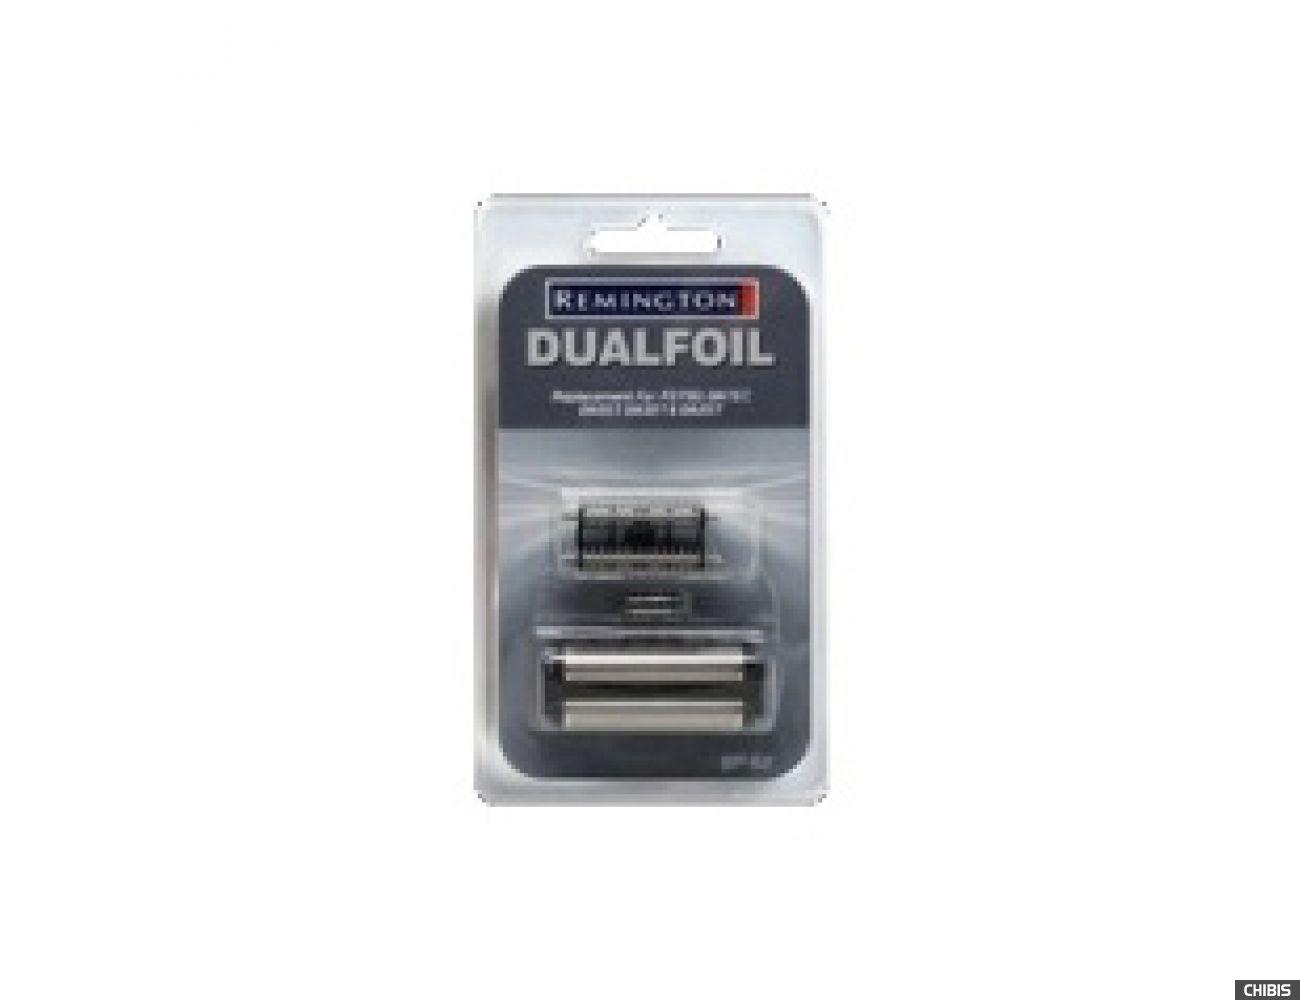 Сетка и режущий блок Remington SP62 Dualfoil (44027530401) для F3790, DA757, DA557, DA307, DA207